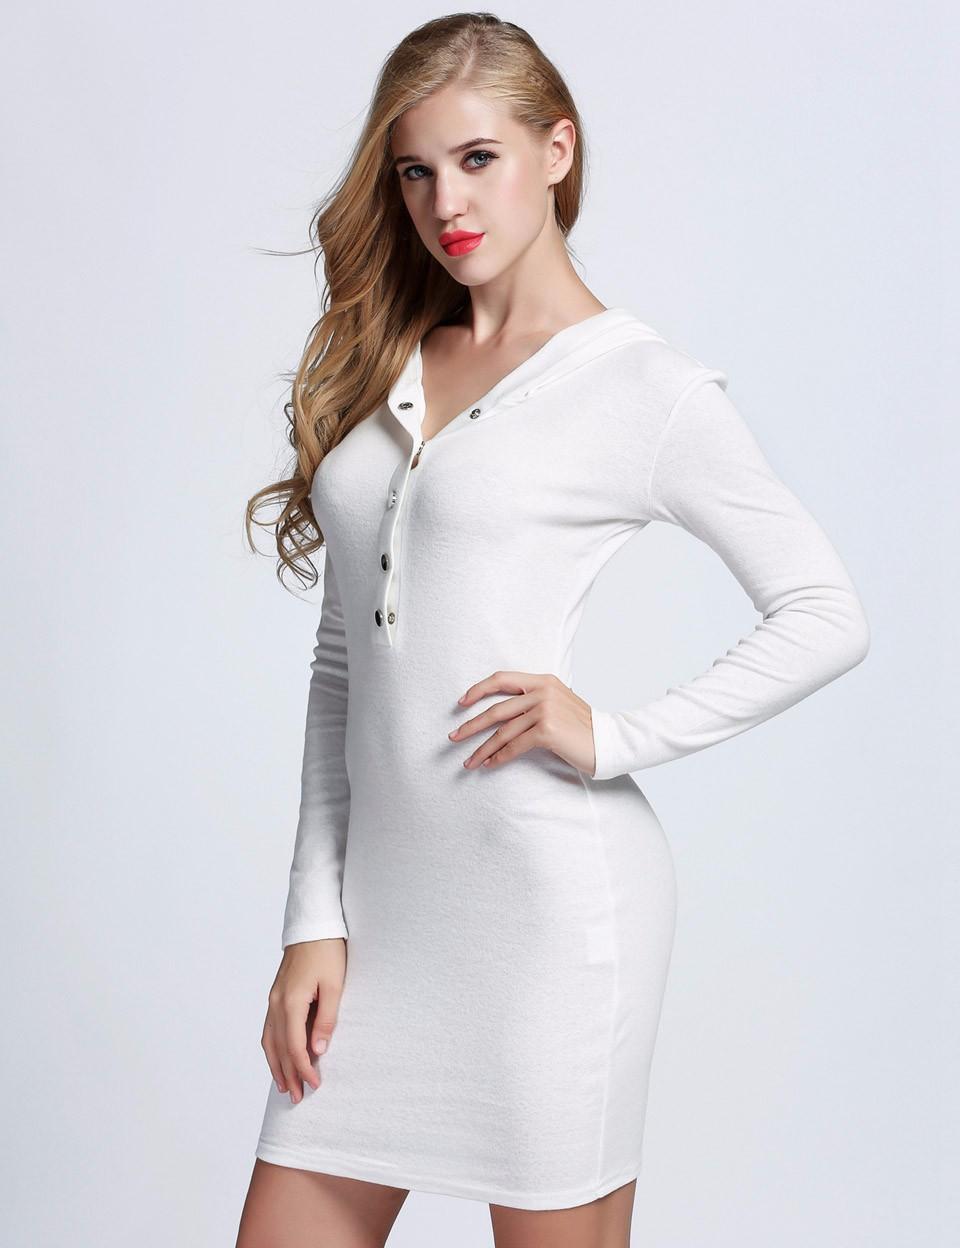 dress22